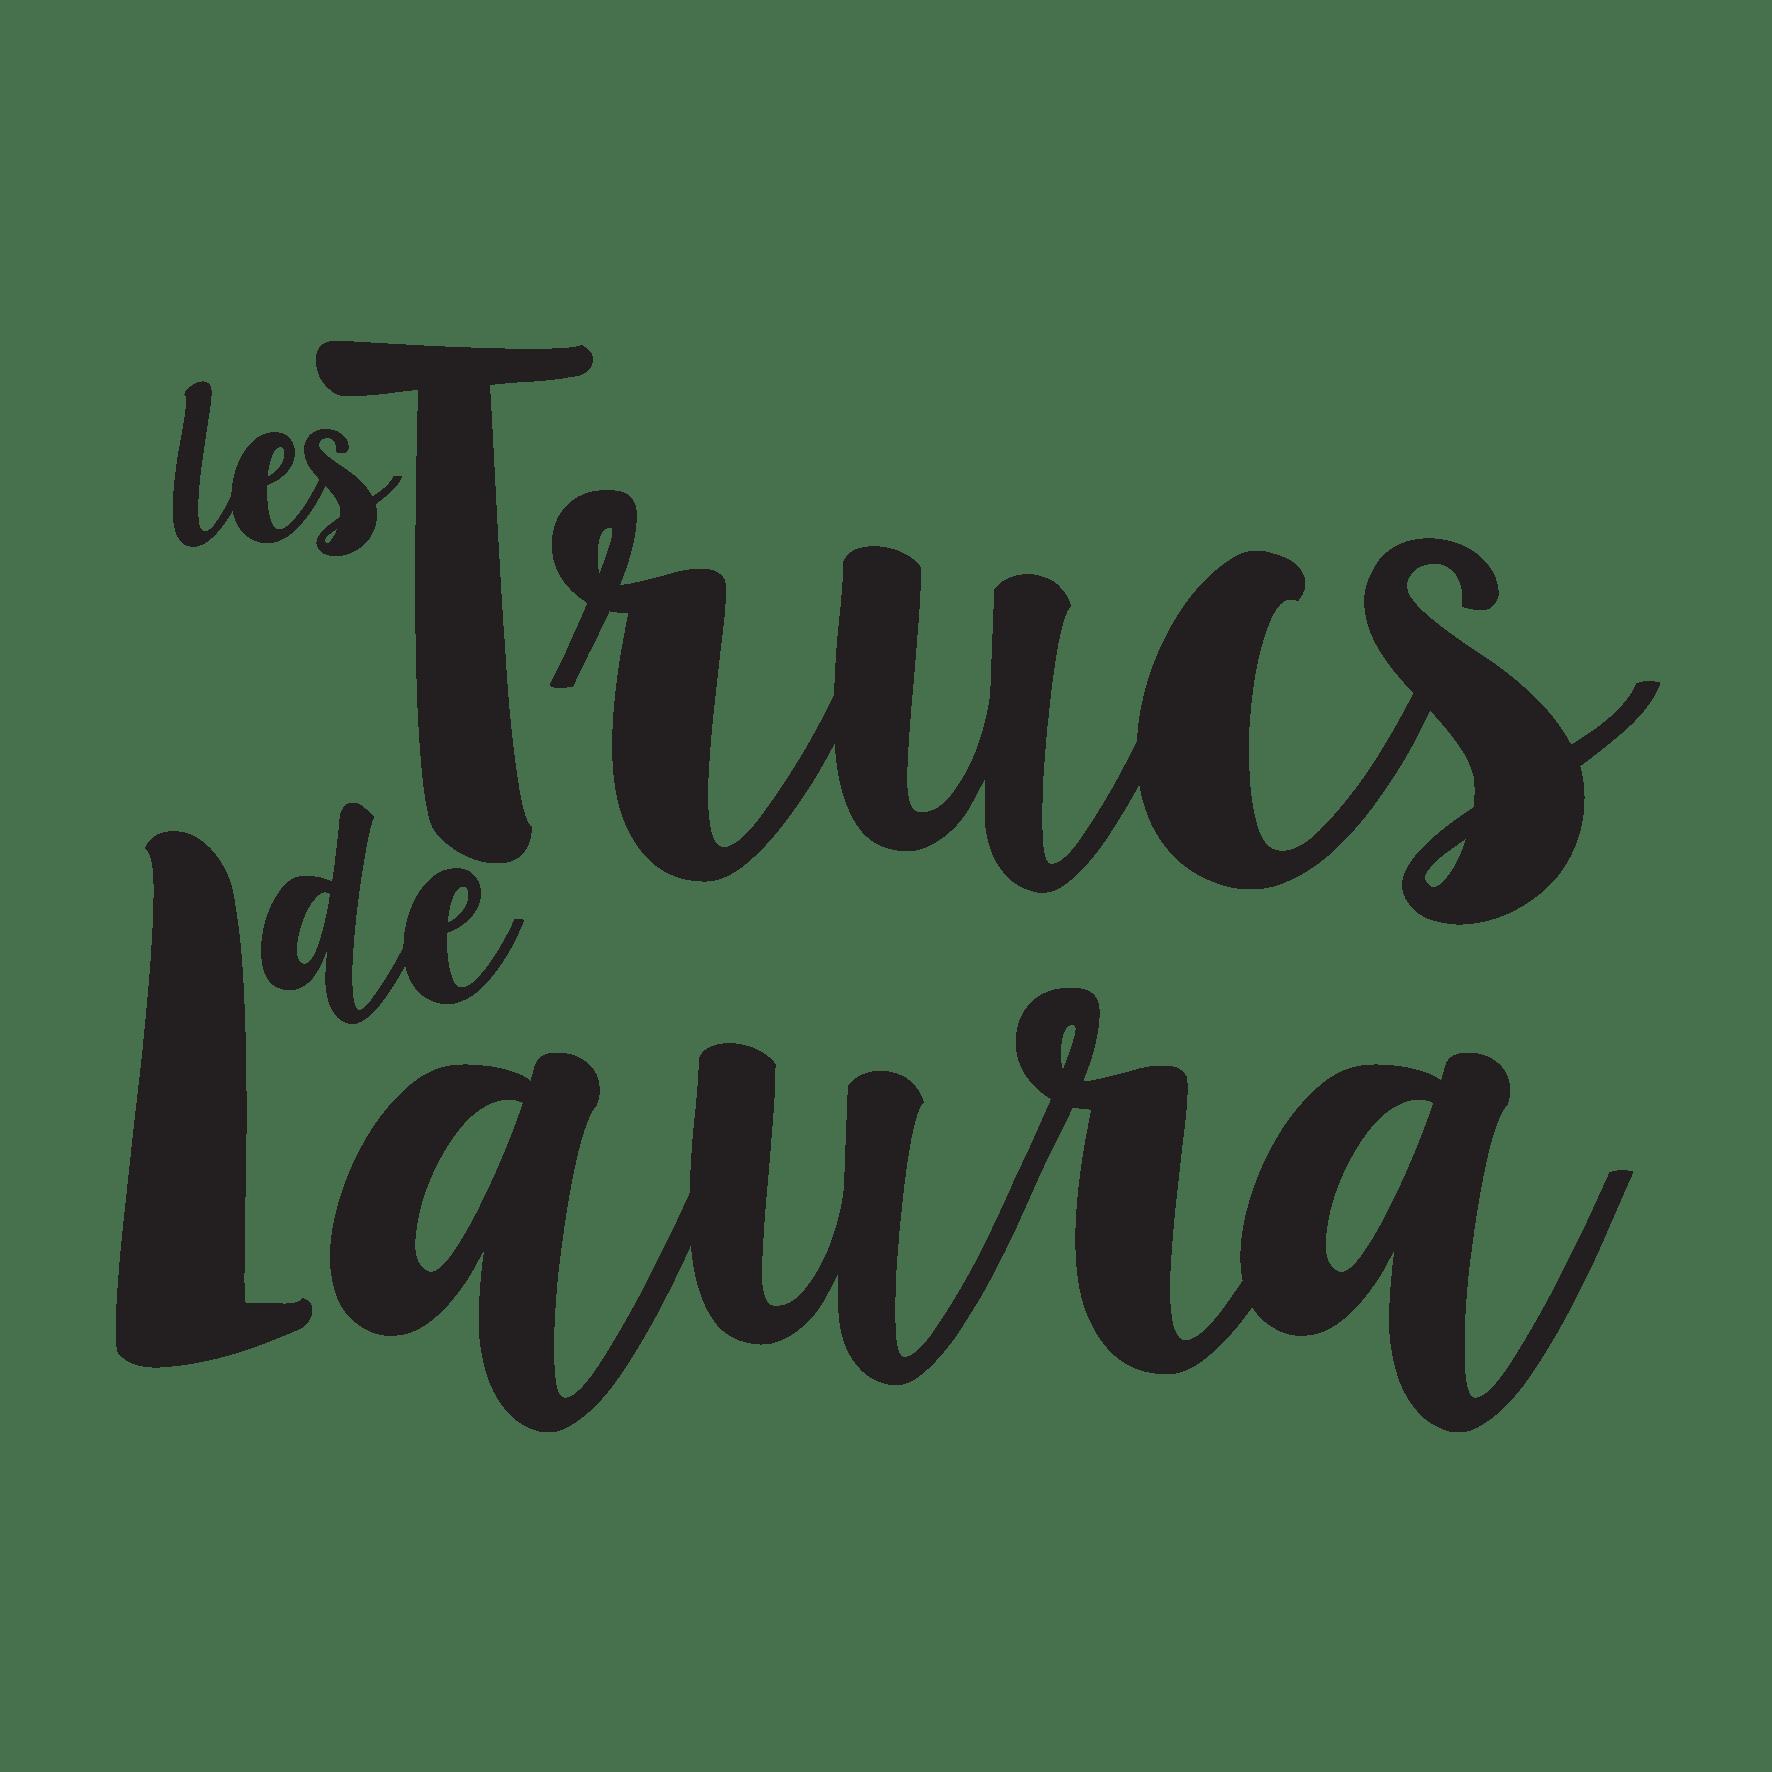 Logo Les Trucs de Laura